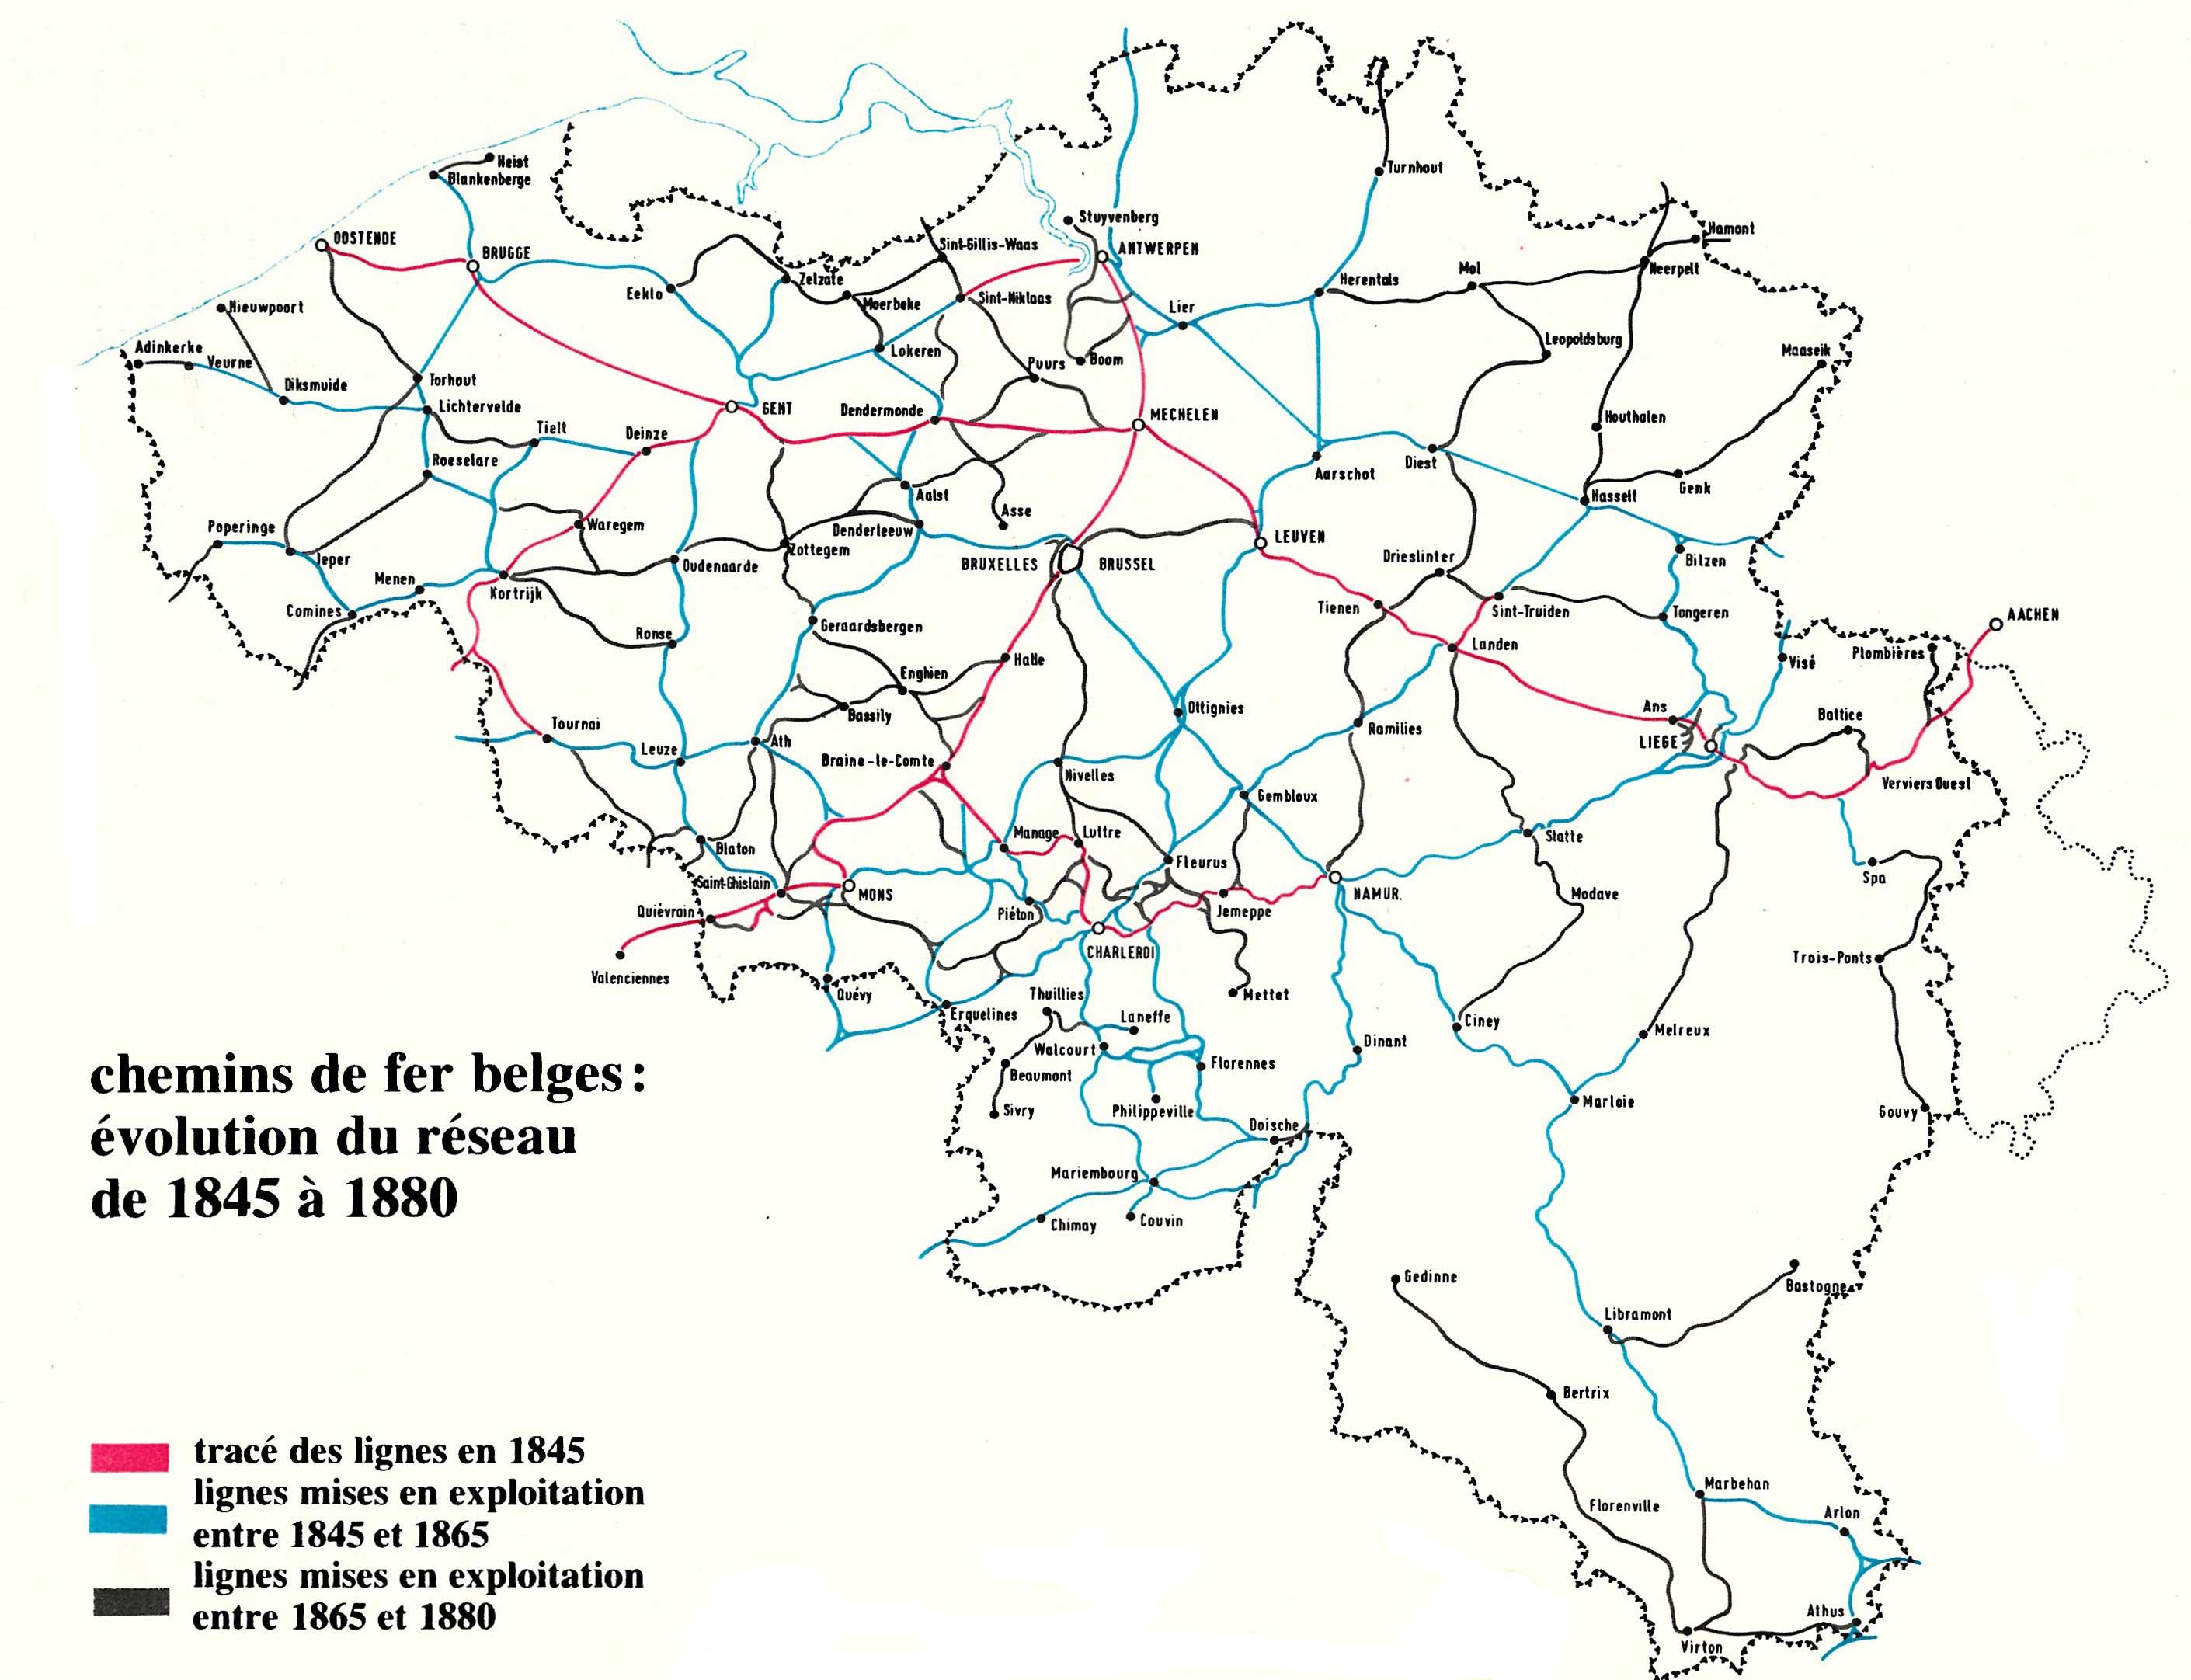 Conna tre le r seau rixke rail 39 s archives - Comptoir des fer et metaux luxembourg ...